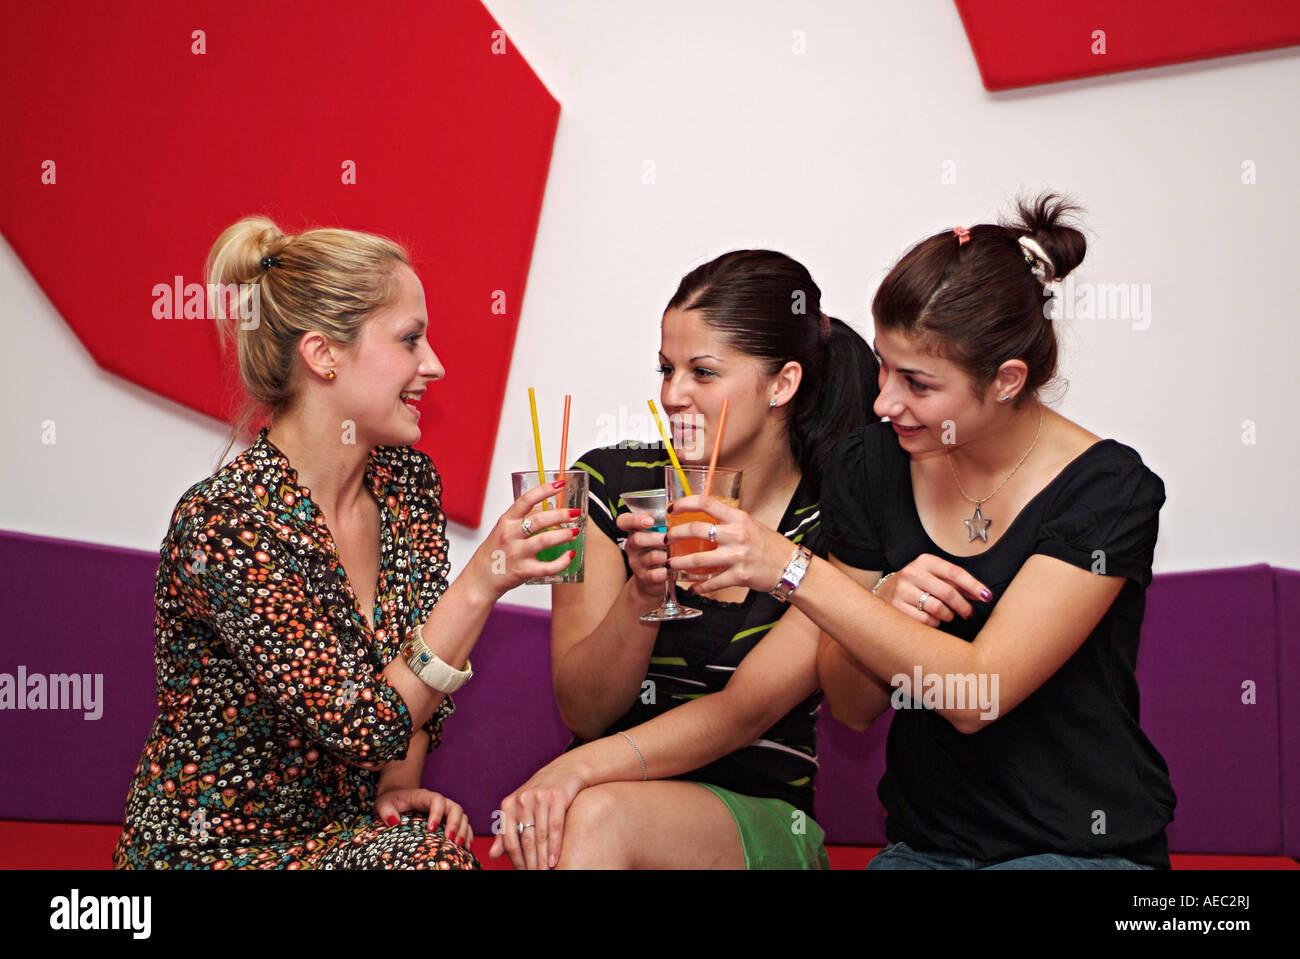 Drei junge Frauen in einer Bar in einer Nacht erhöhen ihre Gläser in einem Toast Stockfoto